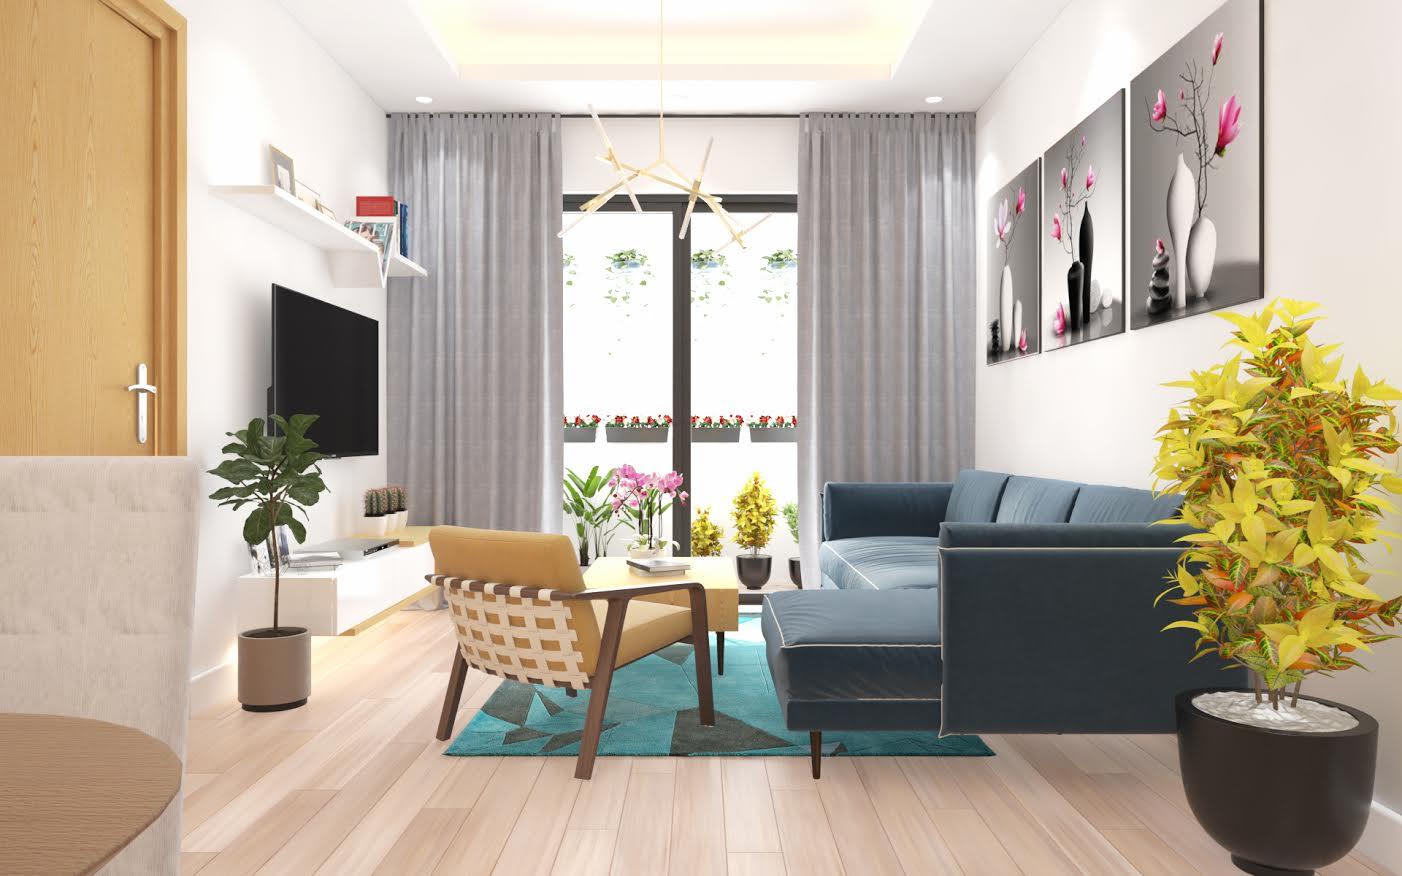 thiết kế nội thất chung cư giá rẻ 12